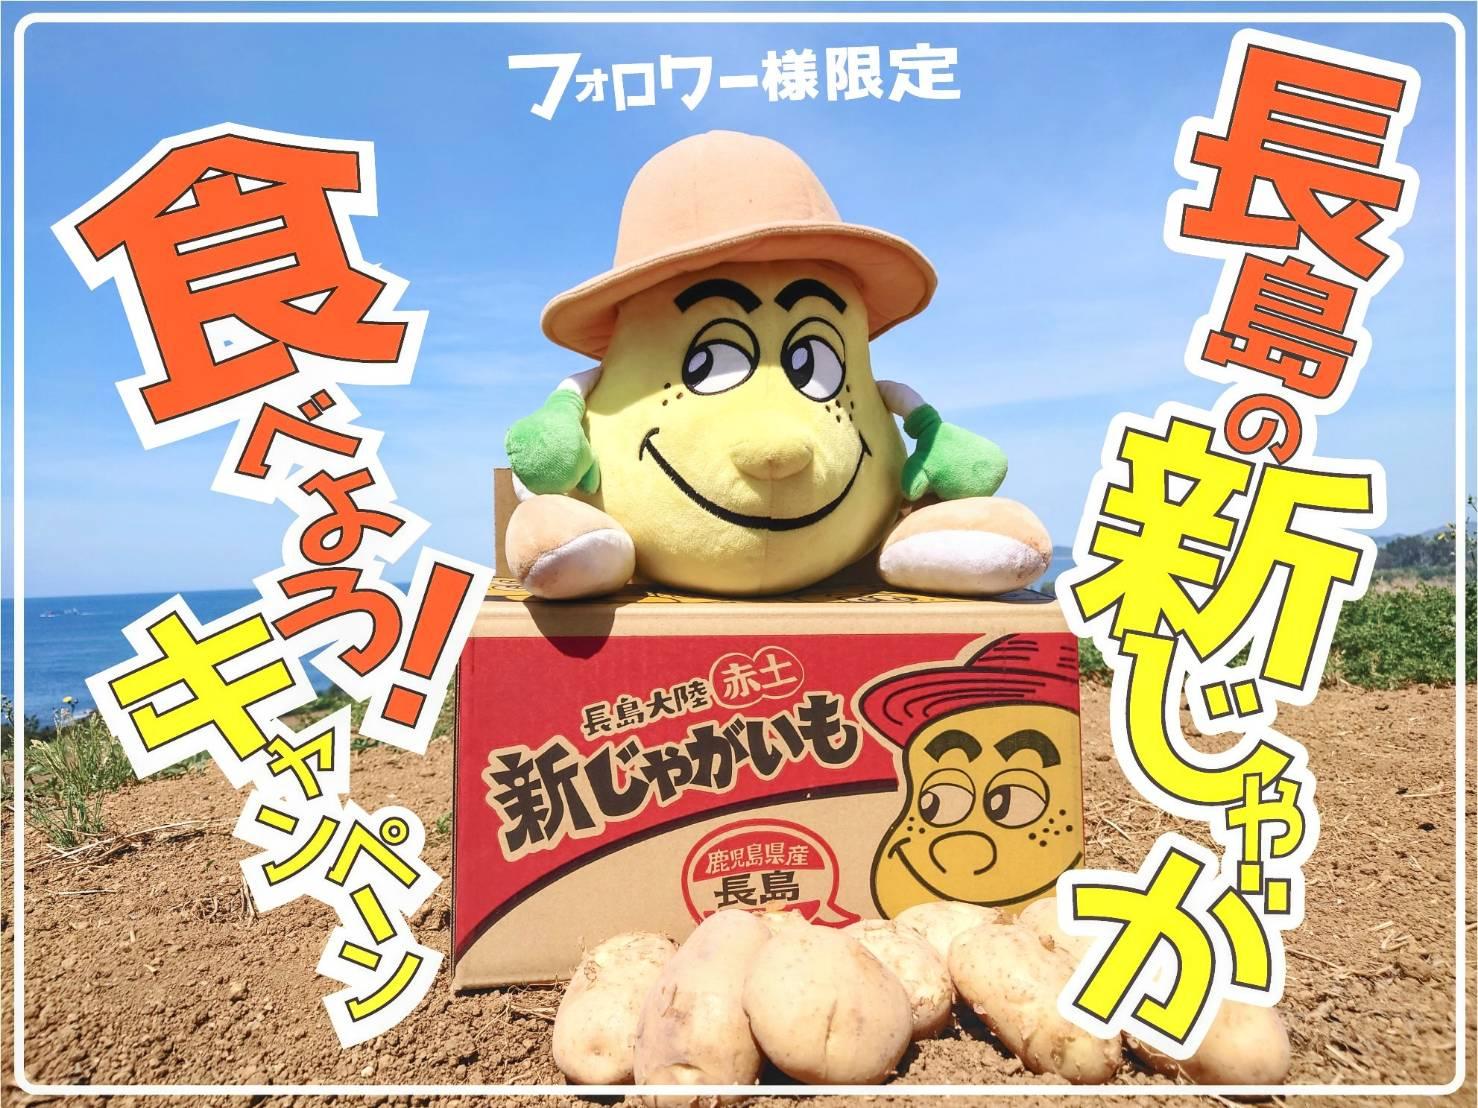 長島の新じゃが食べよう! キャンペーン